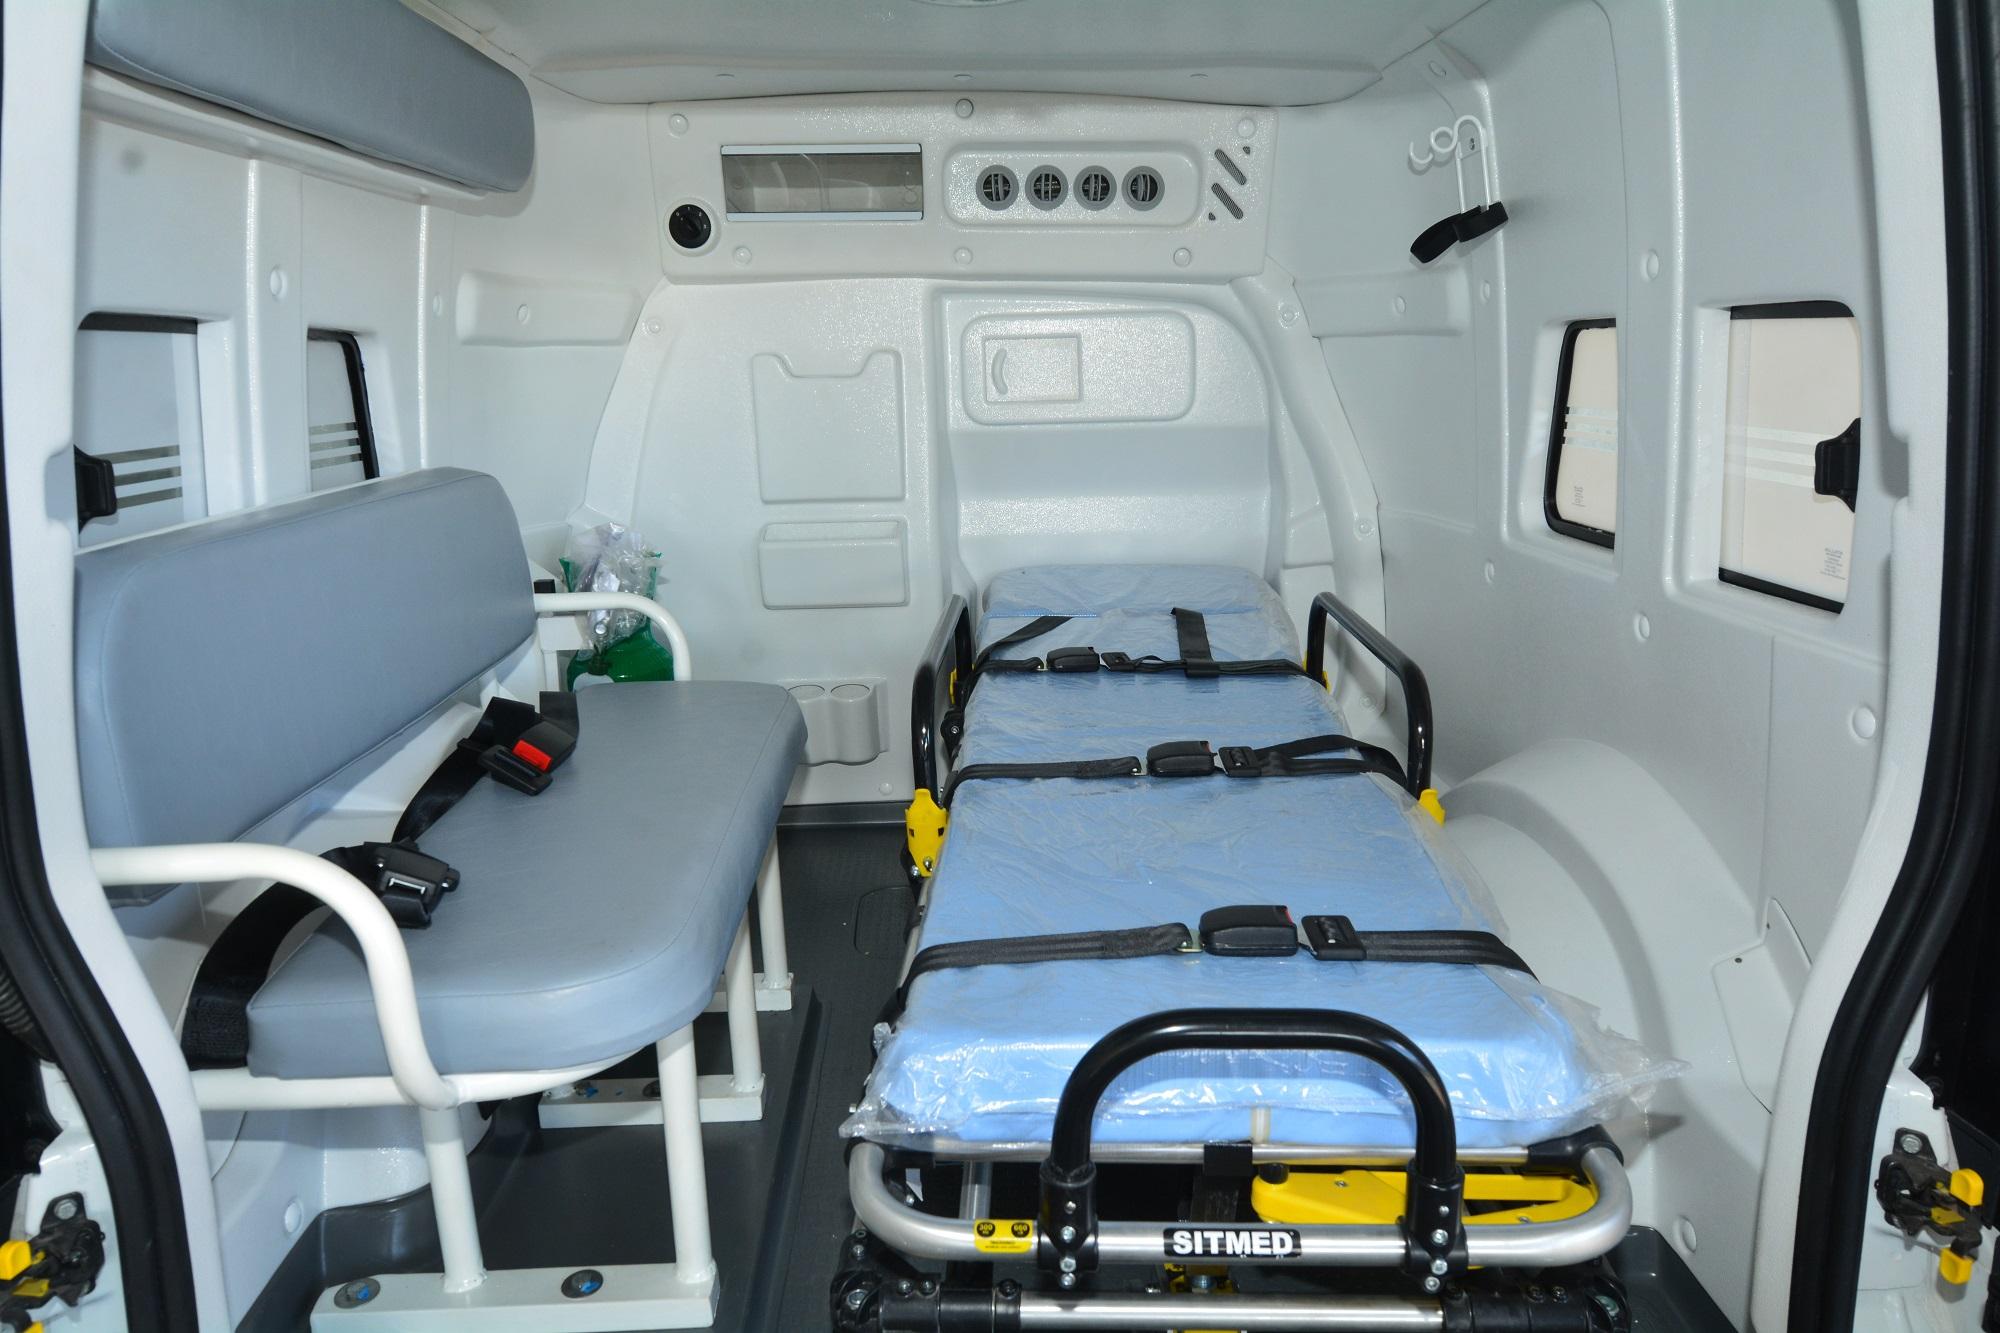 Compartimento interno do Fiorino mostra Maca, banco para acompanhante esuportes para cilindro de oxigênio e soro